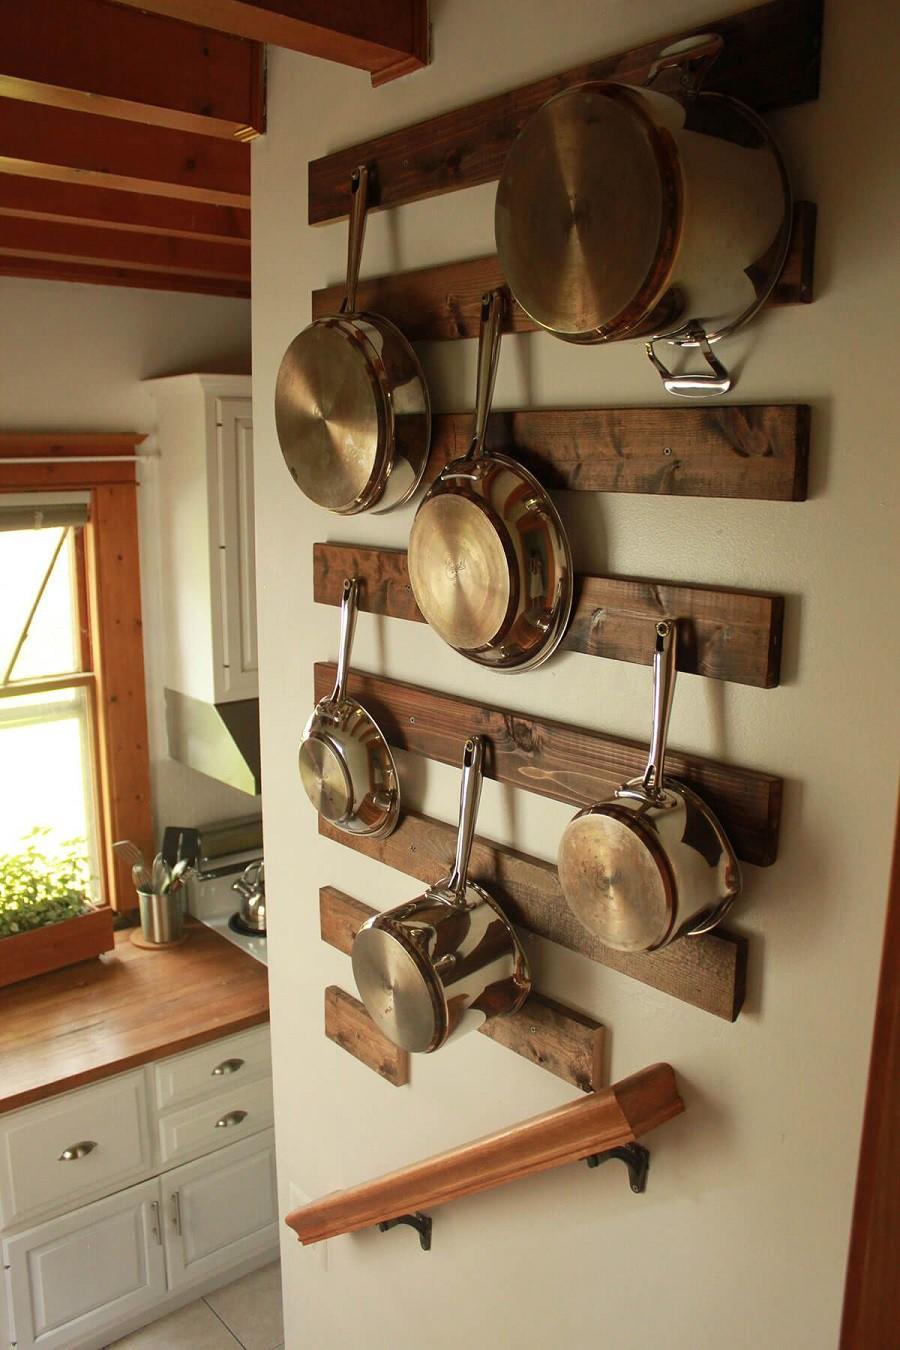 Muốn tủ bếp lúc nào cũng gọn gàng, ngăn nắp hãy tham khảo ngay những thiết kế lưu trữ đồ dùng làm bếp này - Ảnh 7.